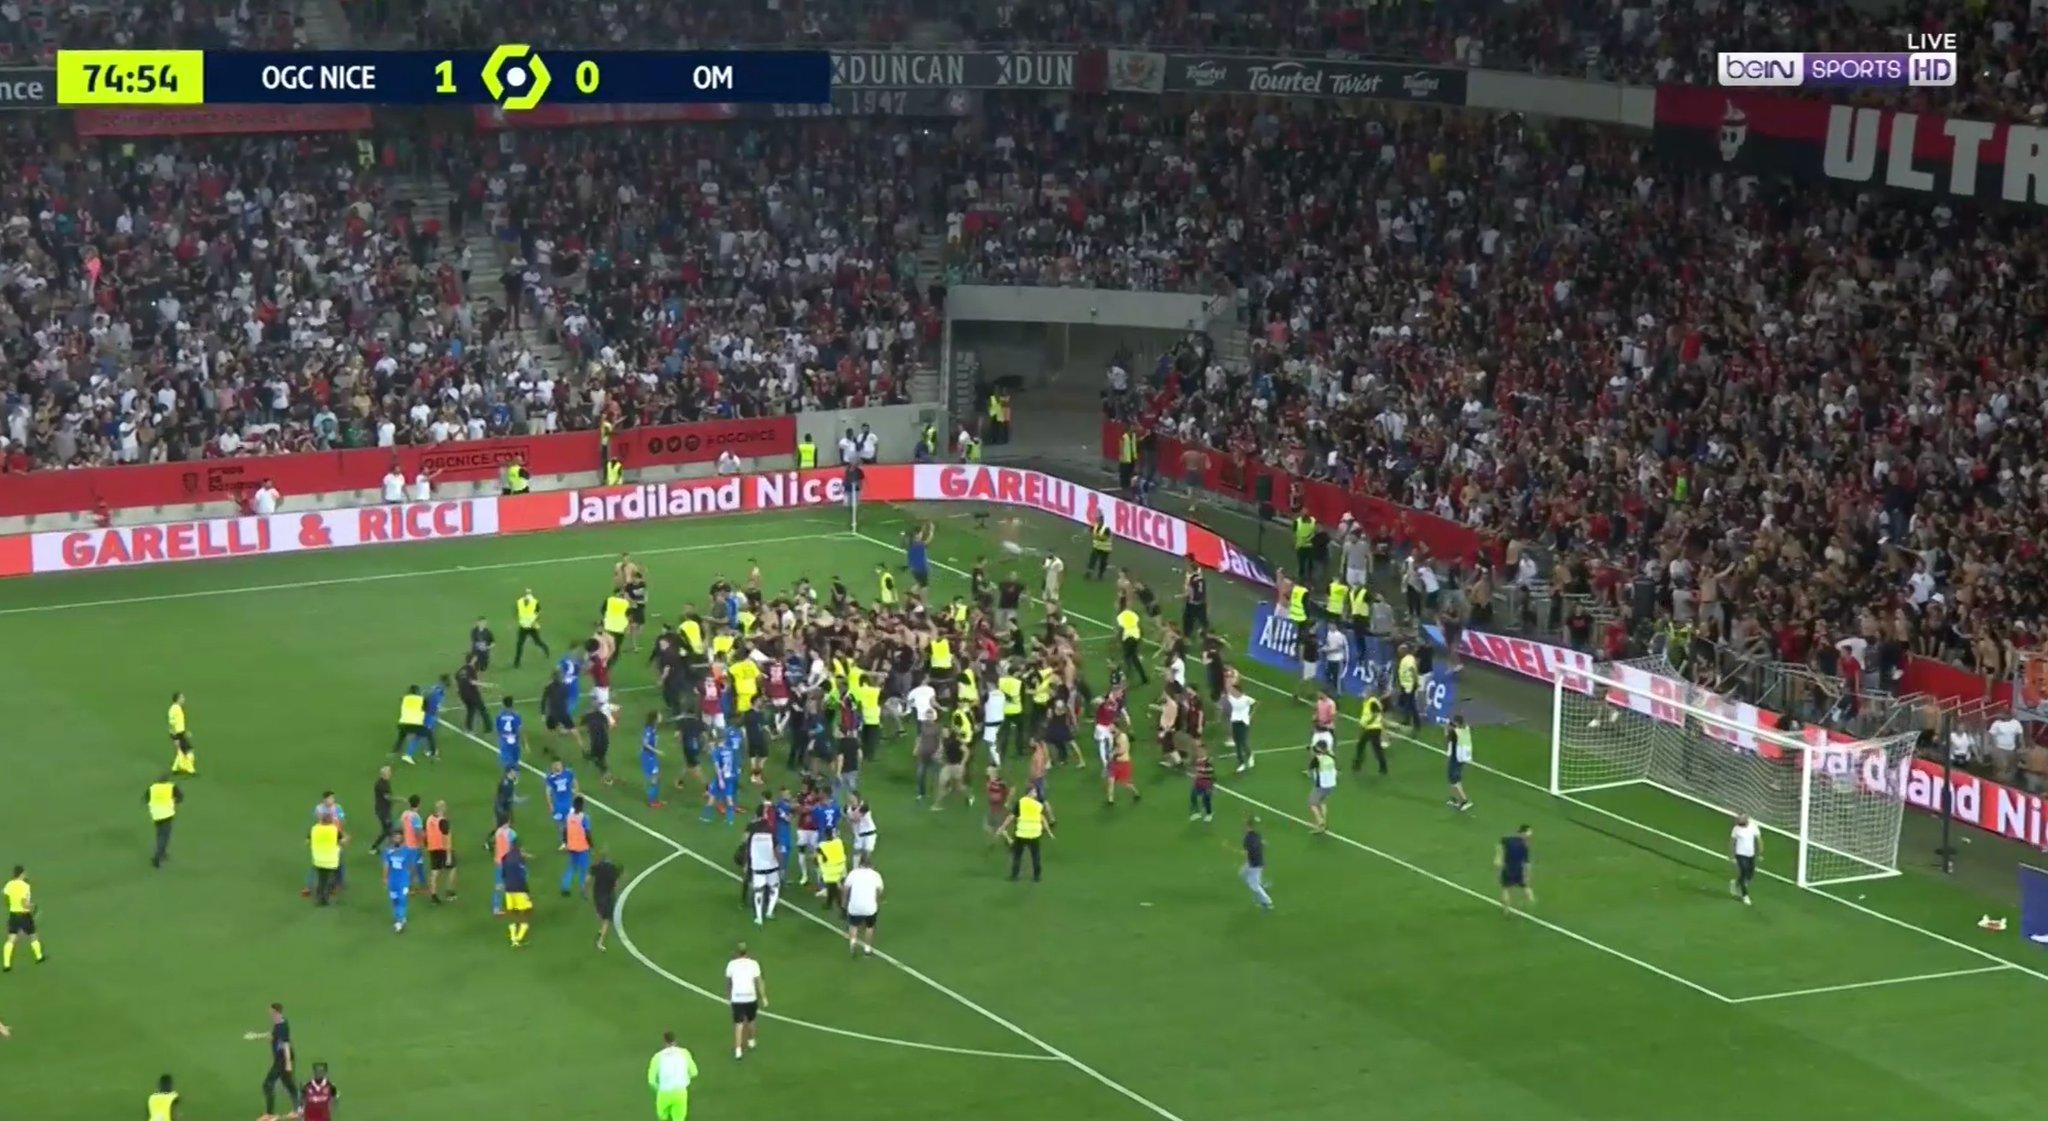 VIDEO/ Goditet ylli i Marseille, tifozët vërshojnë në fushë dhe ndërpresin ndeshjen